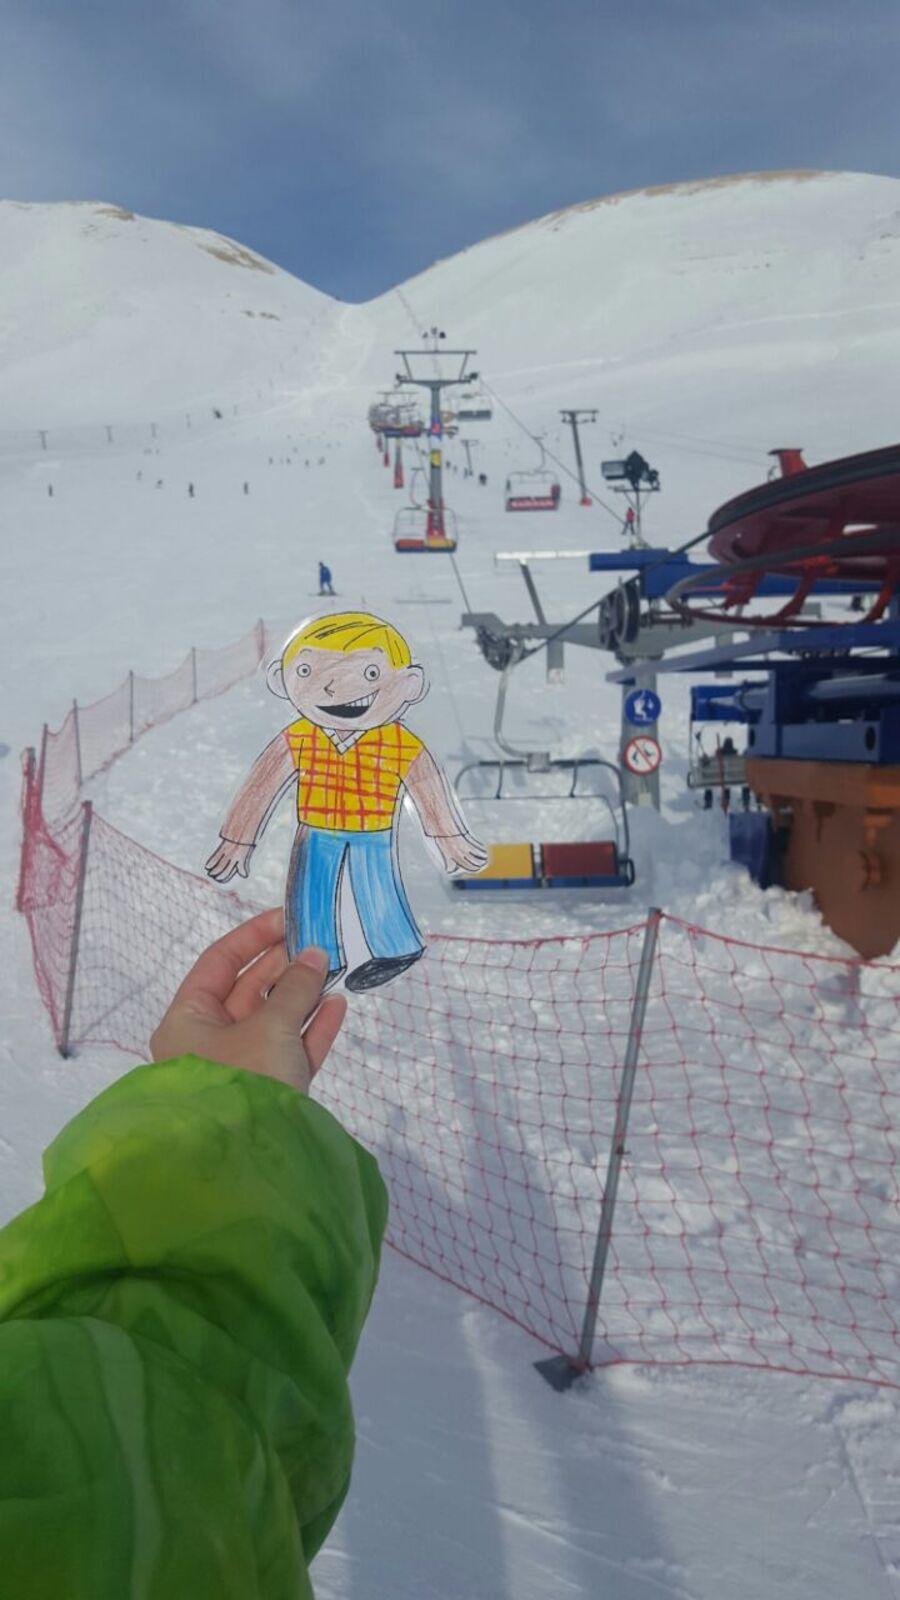 Yann s'initie aux joies de la neige avec Leïla.